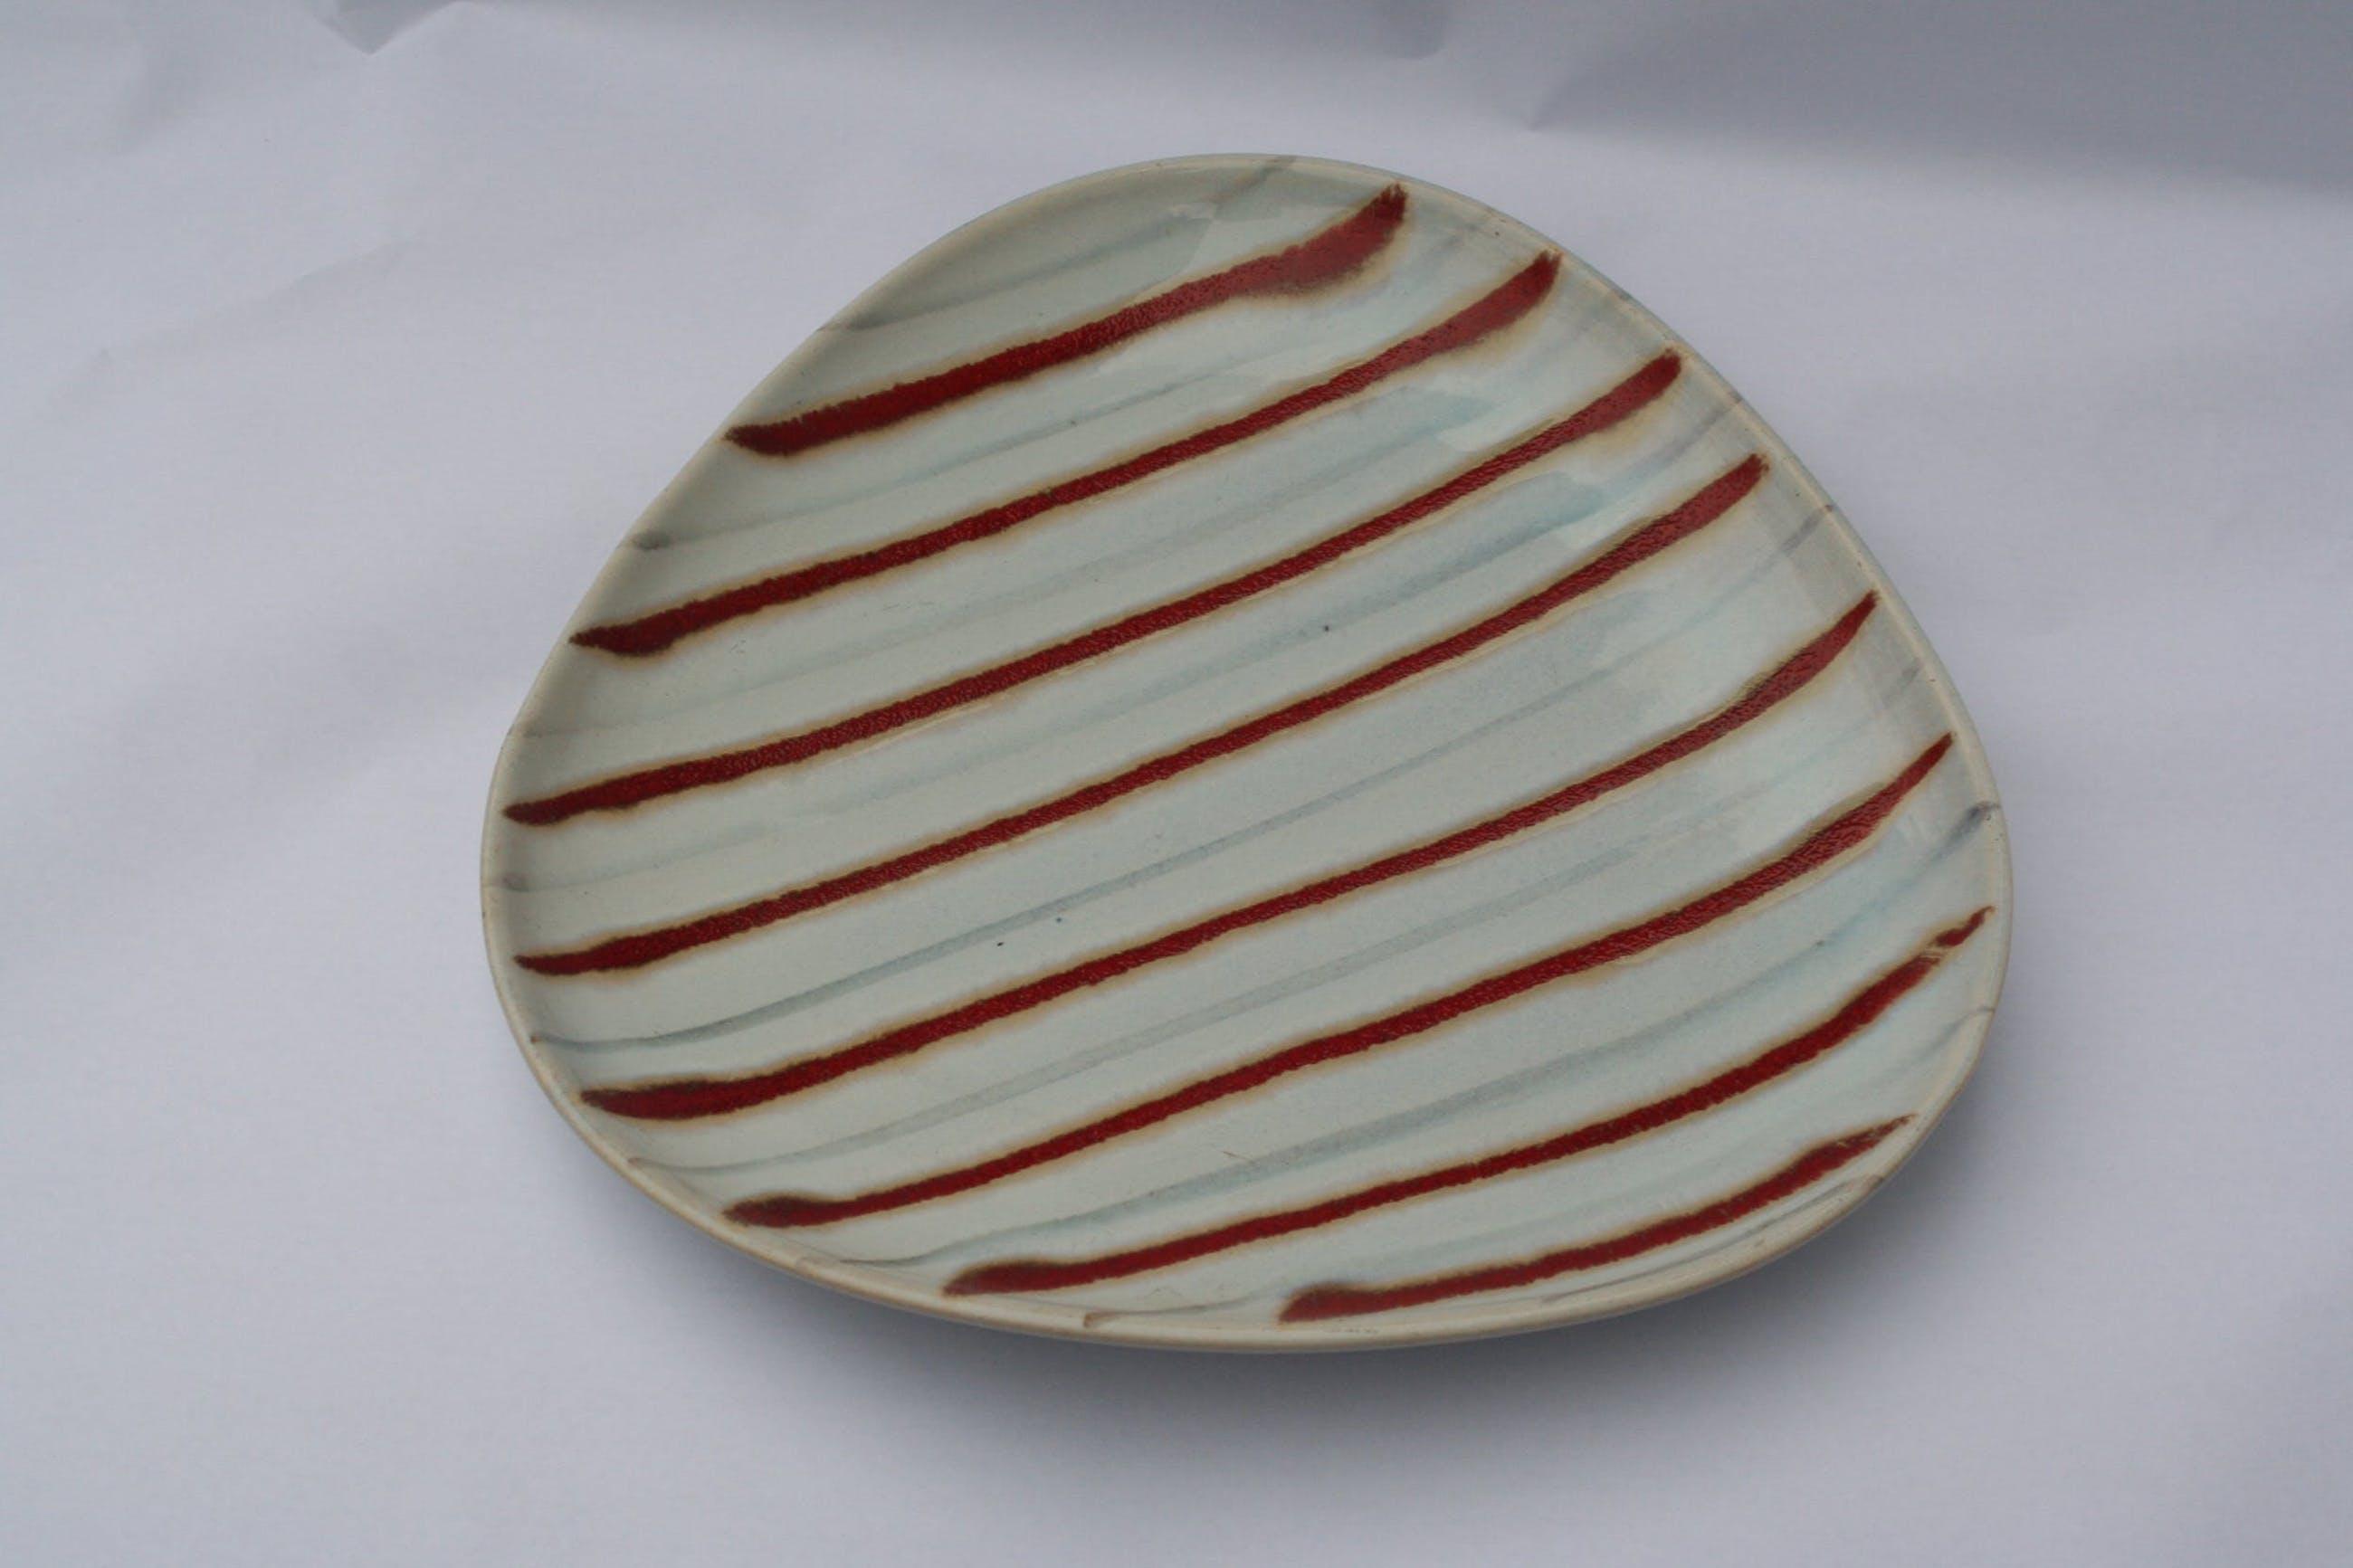 Niet of onleesbaar gesigneerd - aardewerk schaal - Germany - model 191020 kopen? Bied vanaf 1!